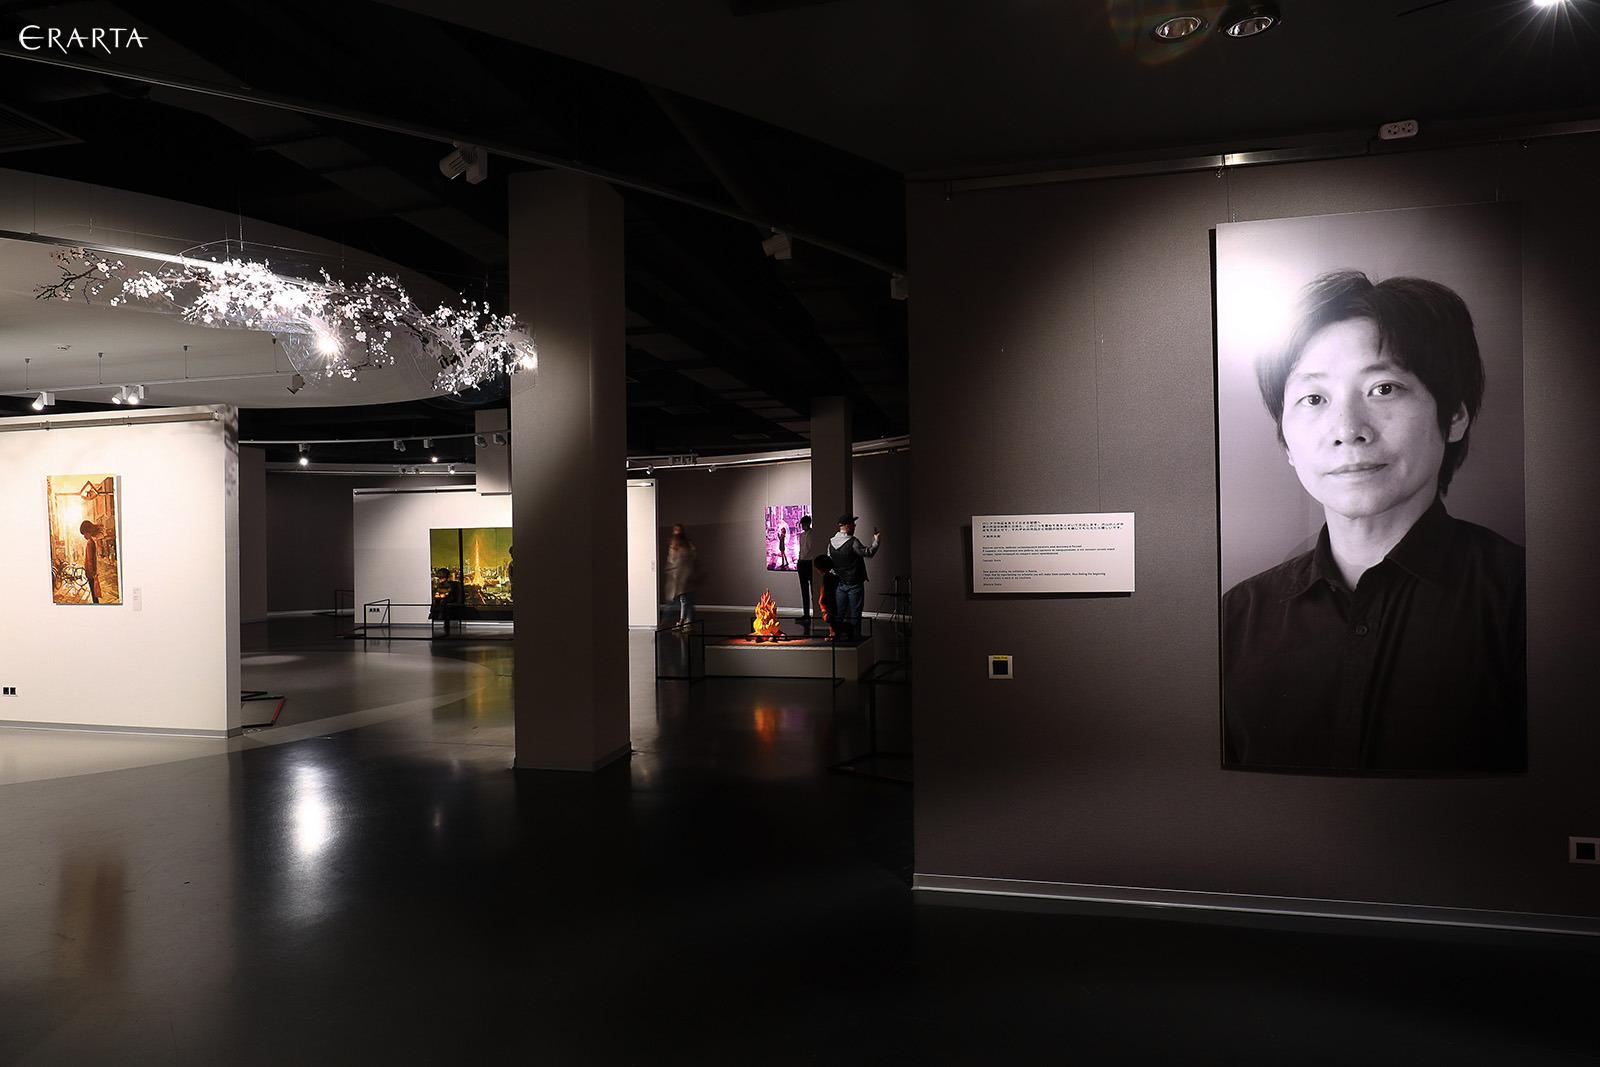 ERARTA美術館(サンクトペテルブルグ)での大畑展、展示風景